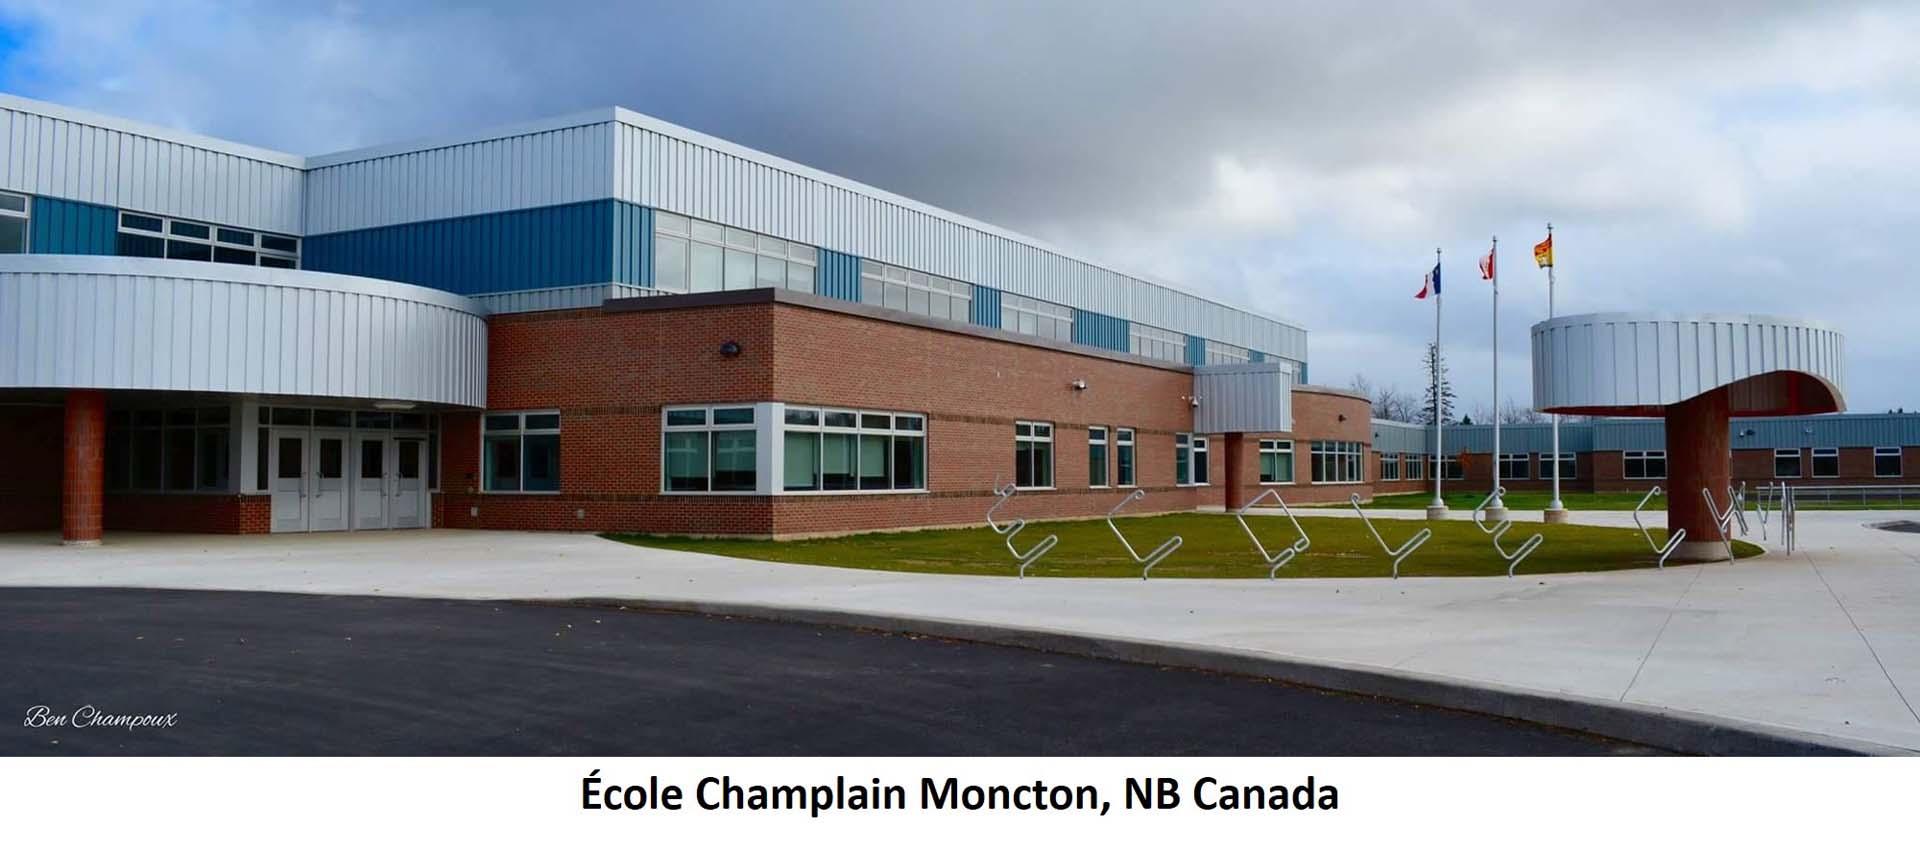 École Champlain Moncton NB Canada